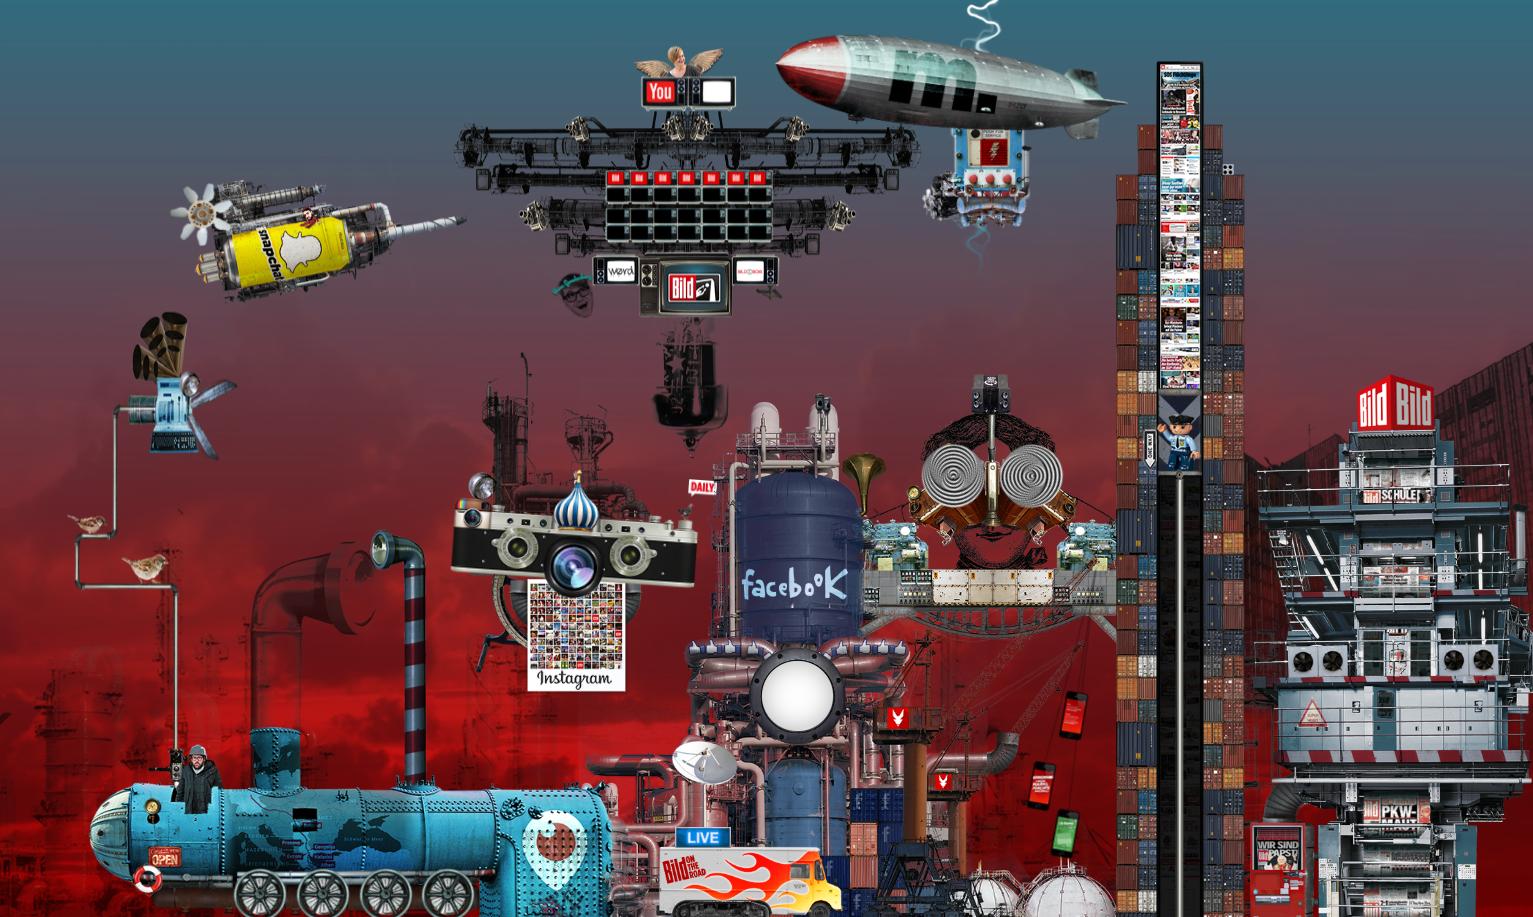 Das BILD-Platformen-Wimmelbild in finaler Anordnung der einzelnen Module